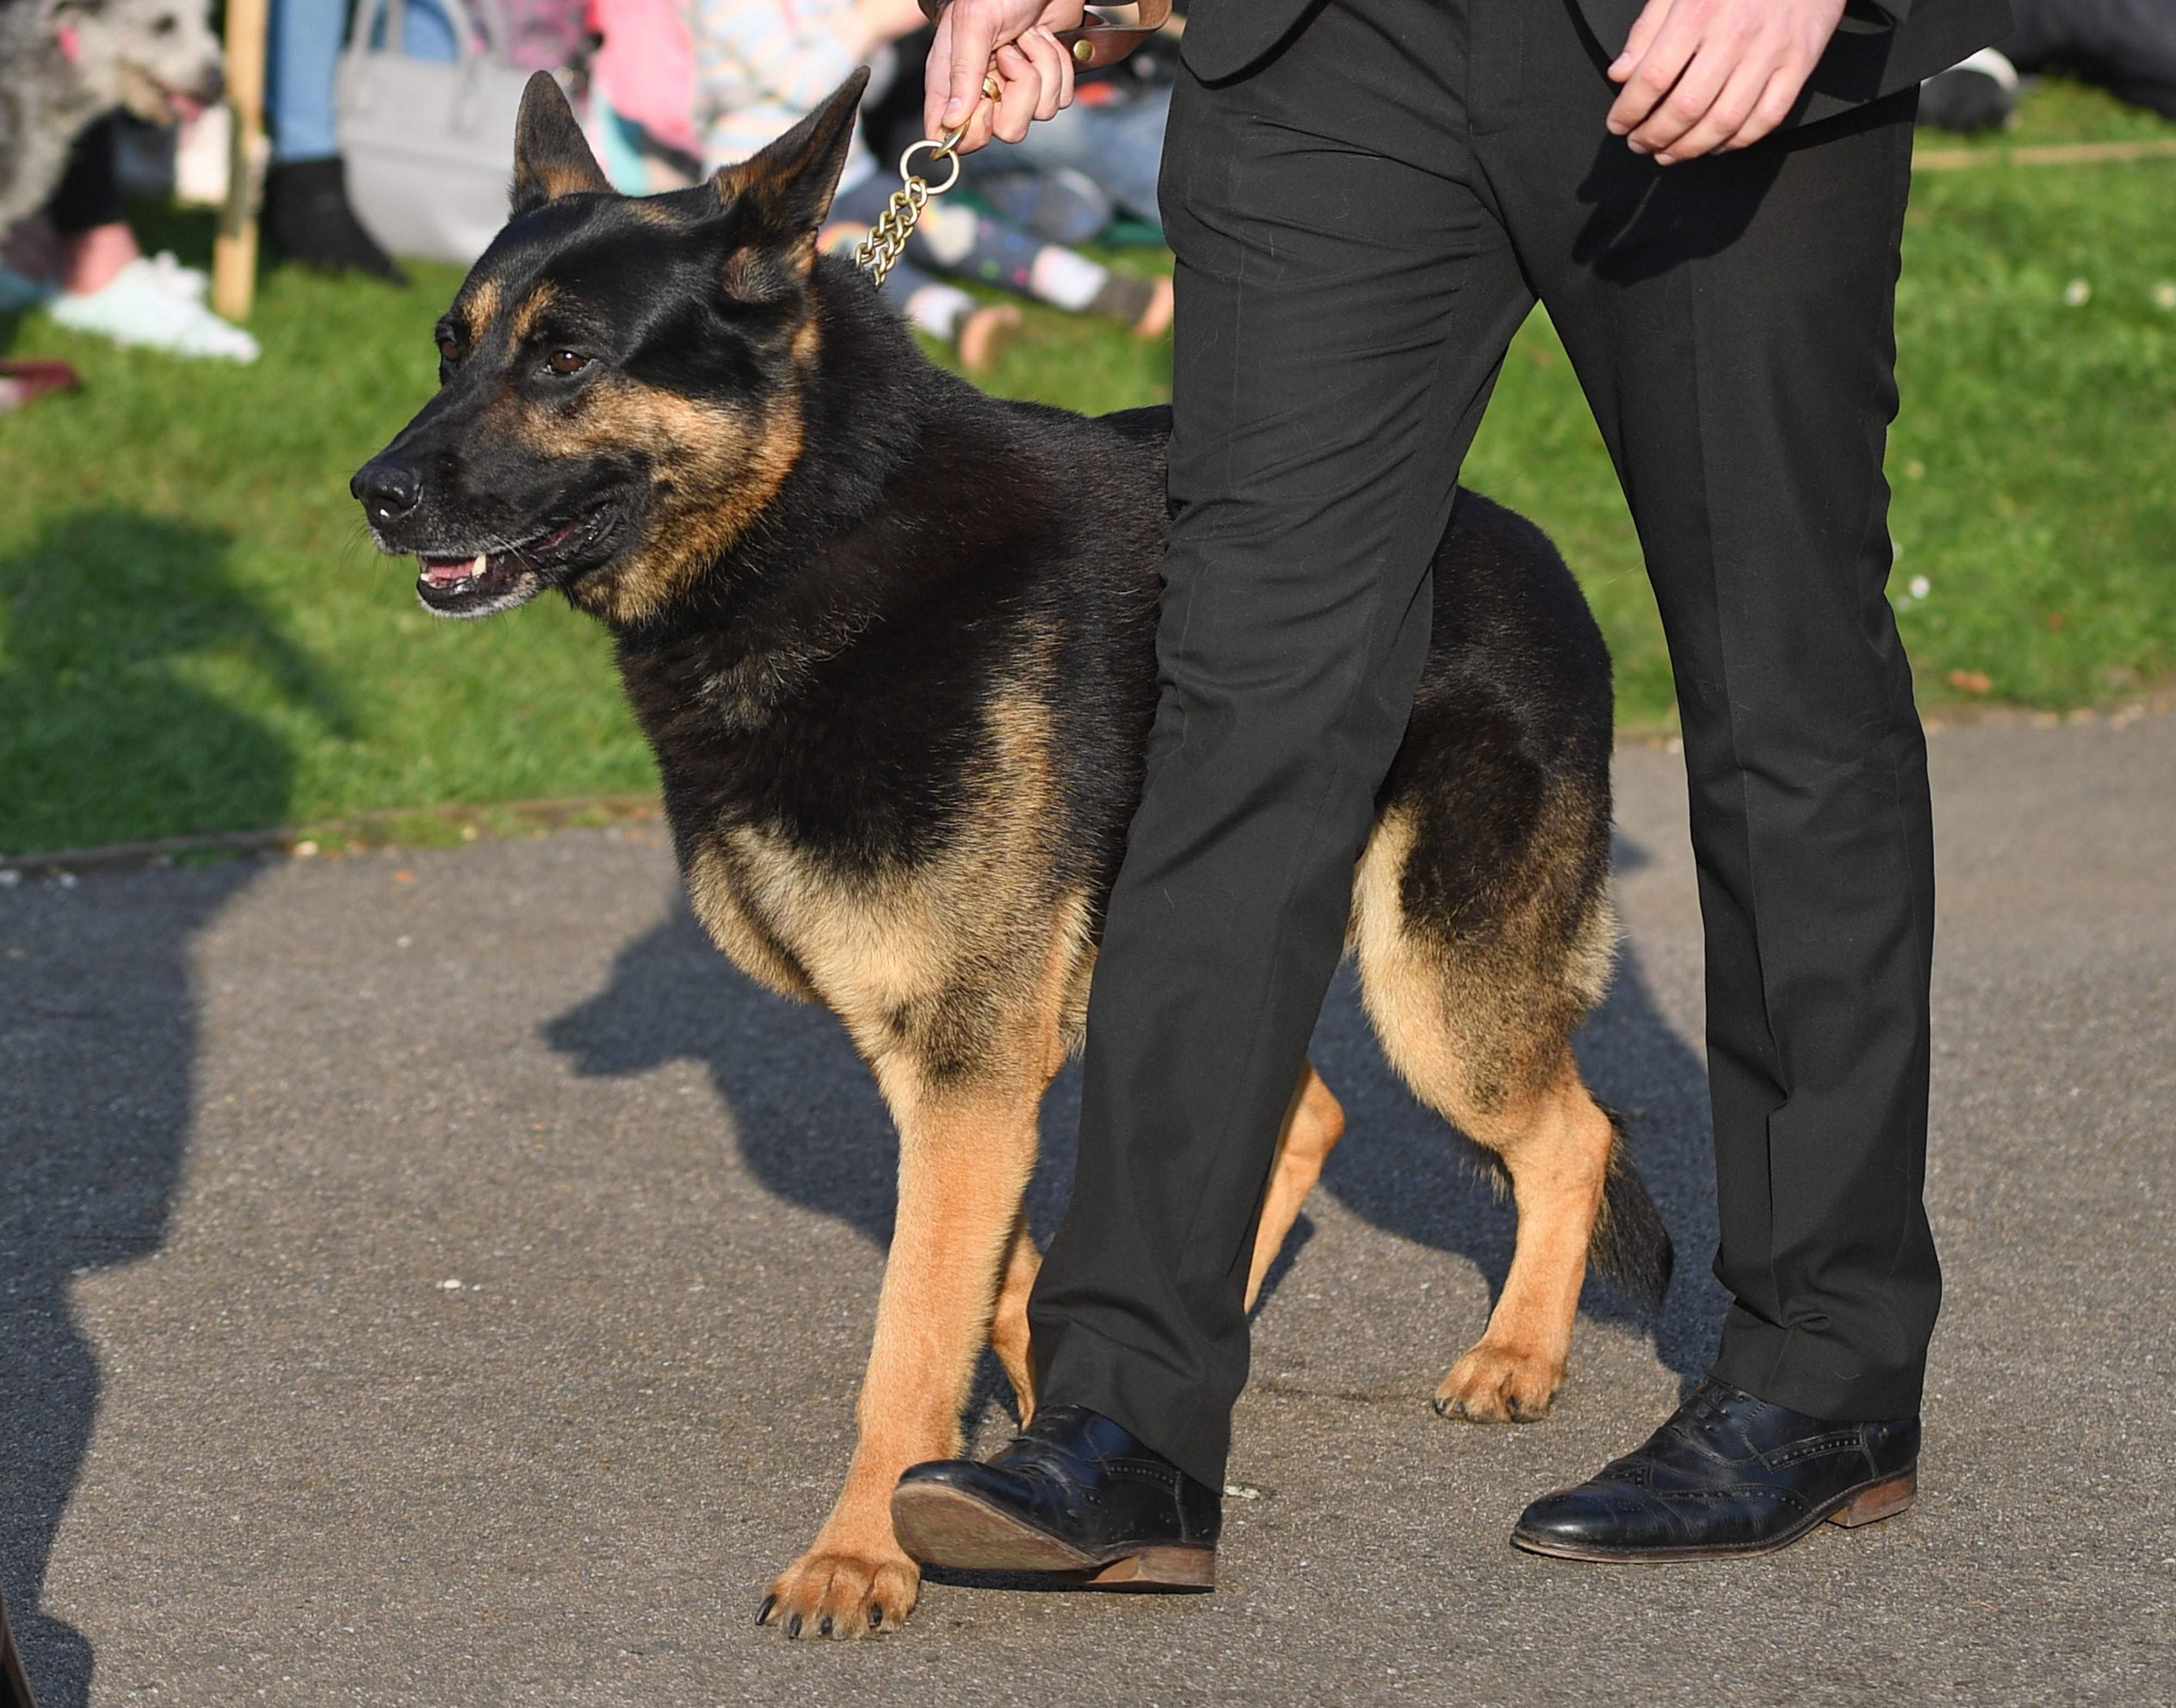 Собака Кита Флинта на его похоронах 29 марта 2019 года в городе Брейтри.